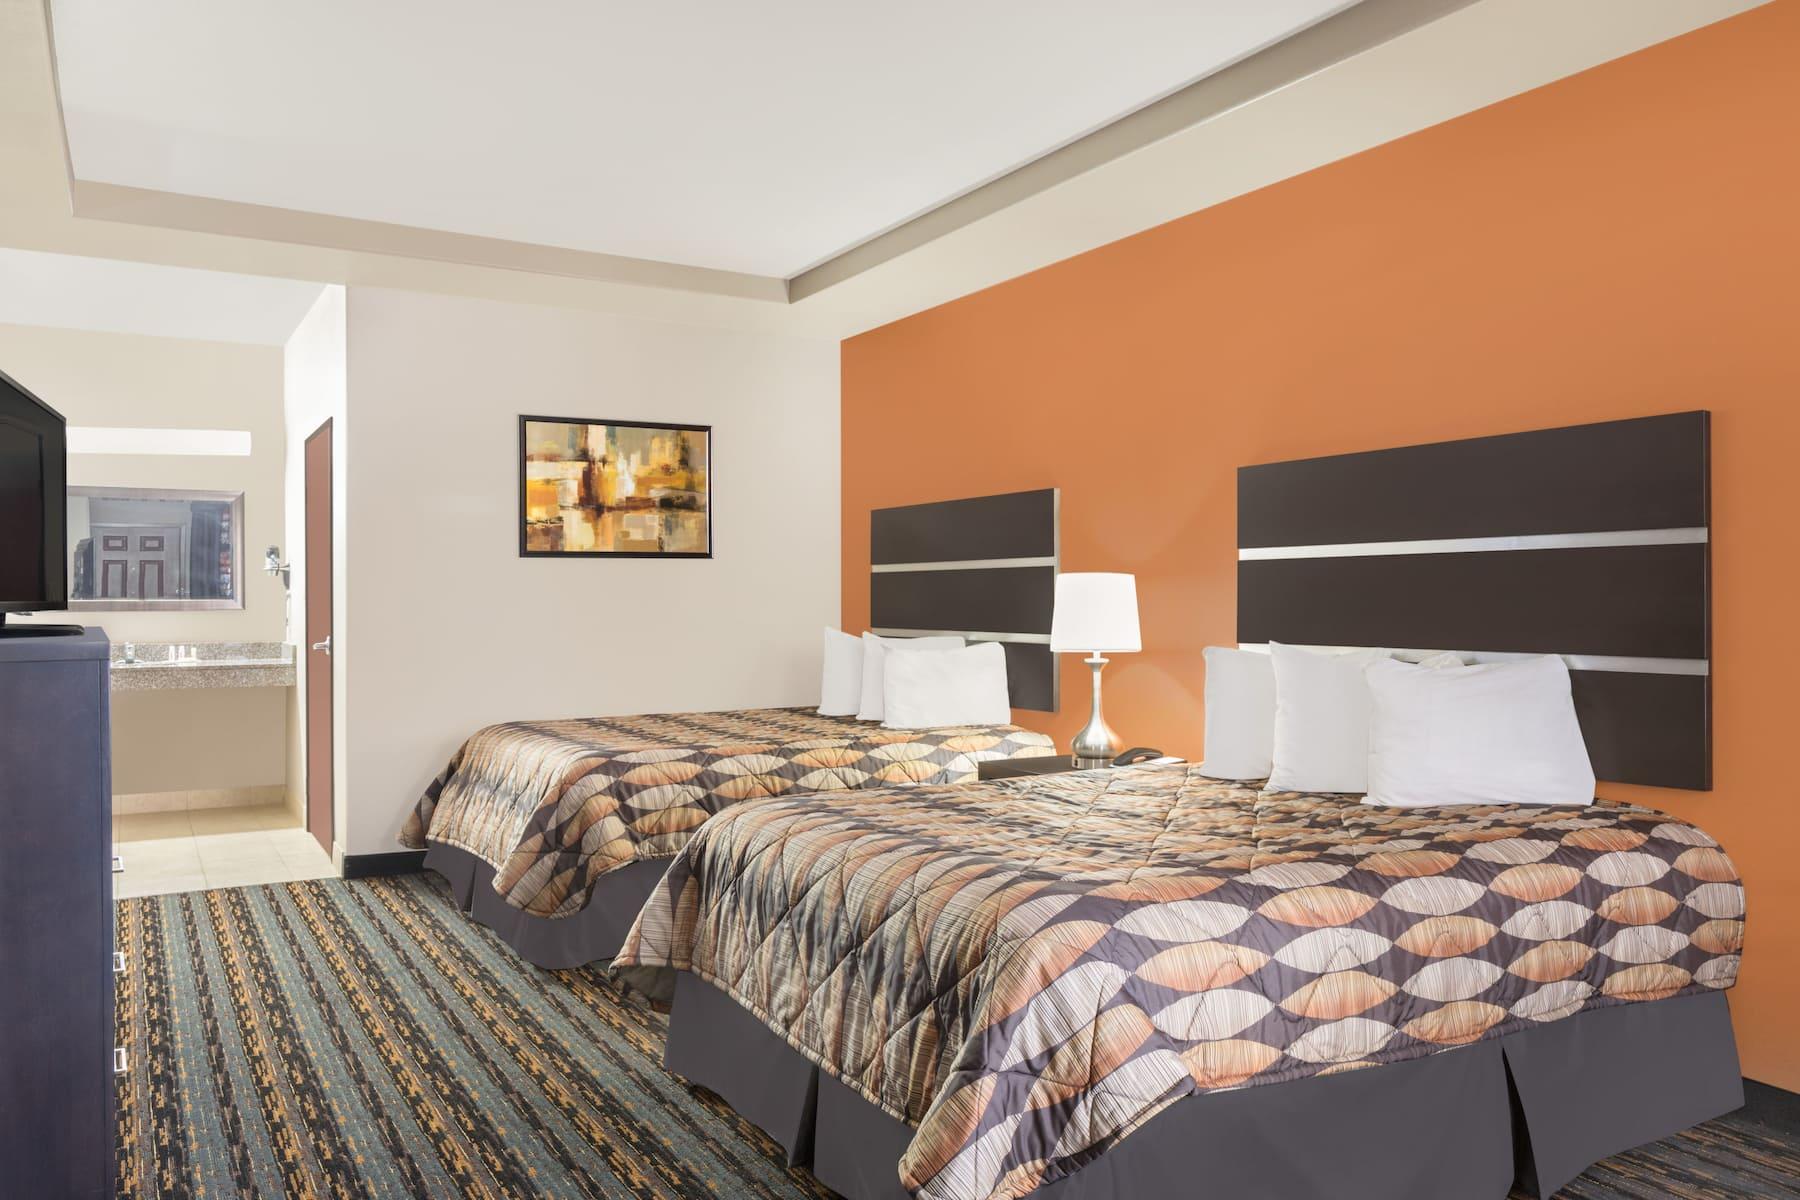 Days Inn By Wyndham Dilley Dilley Tx Hotels